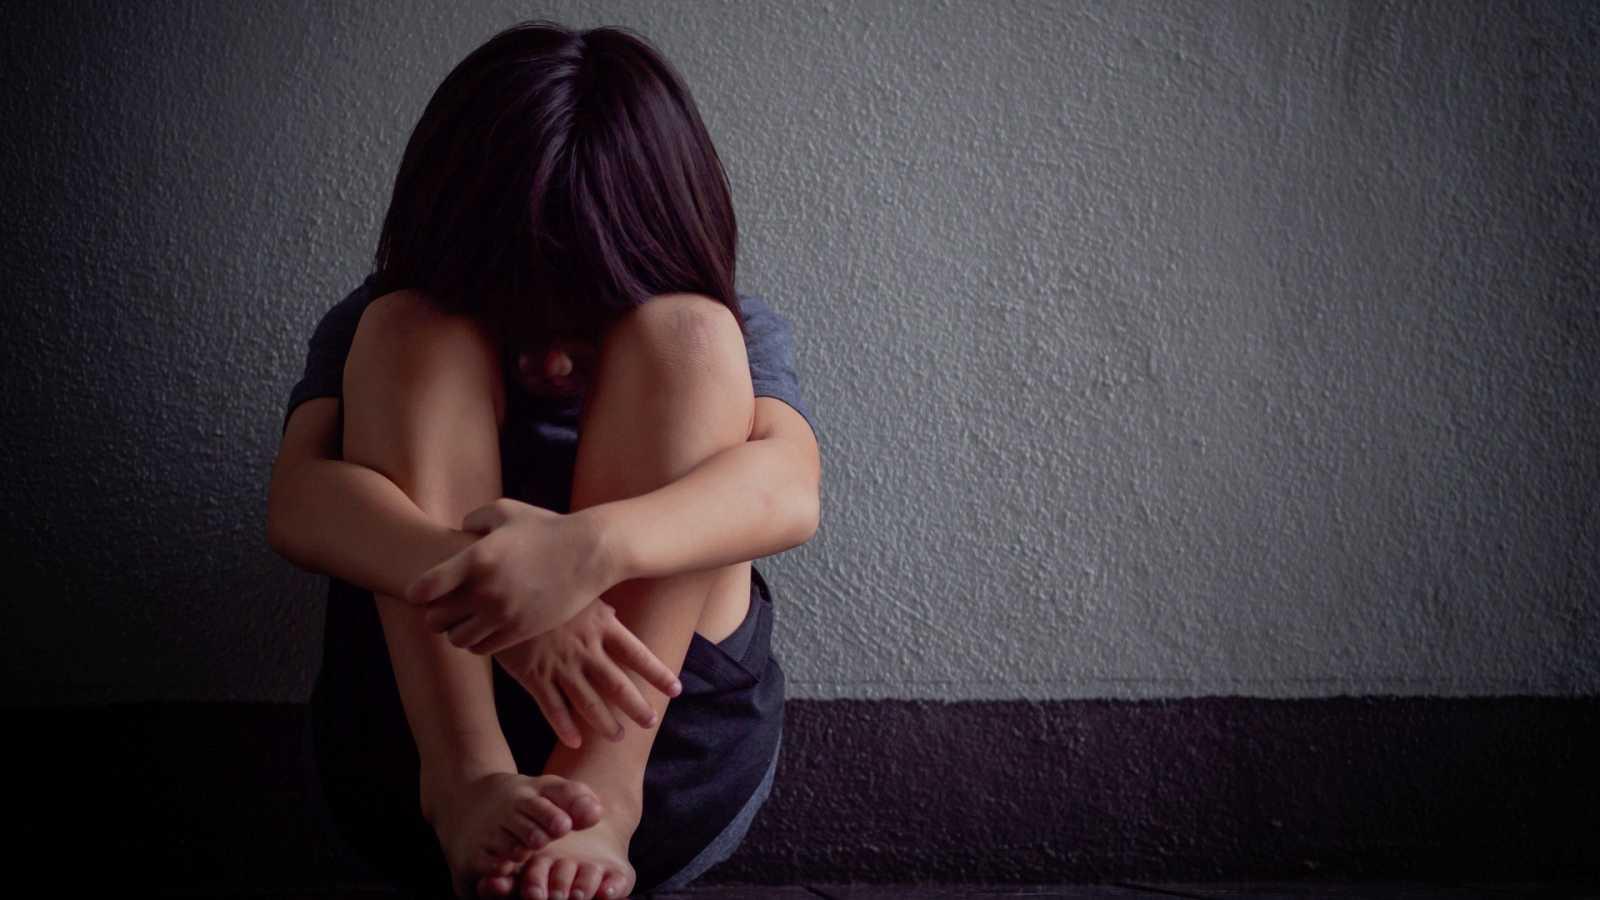 El 64% de los abusos sexuales a menores se producen antes de los 12 años